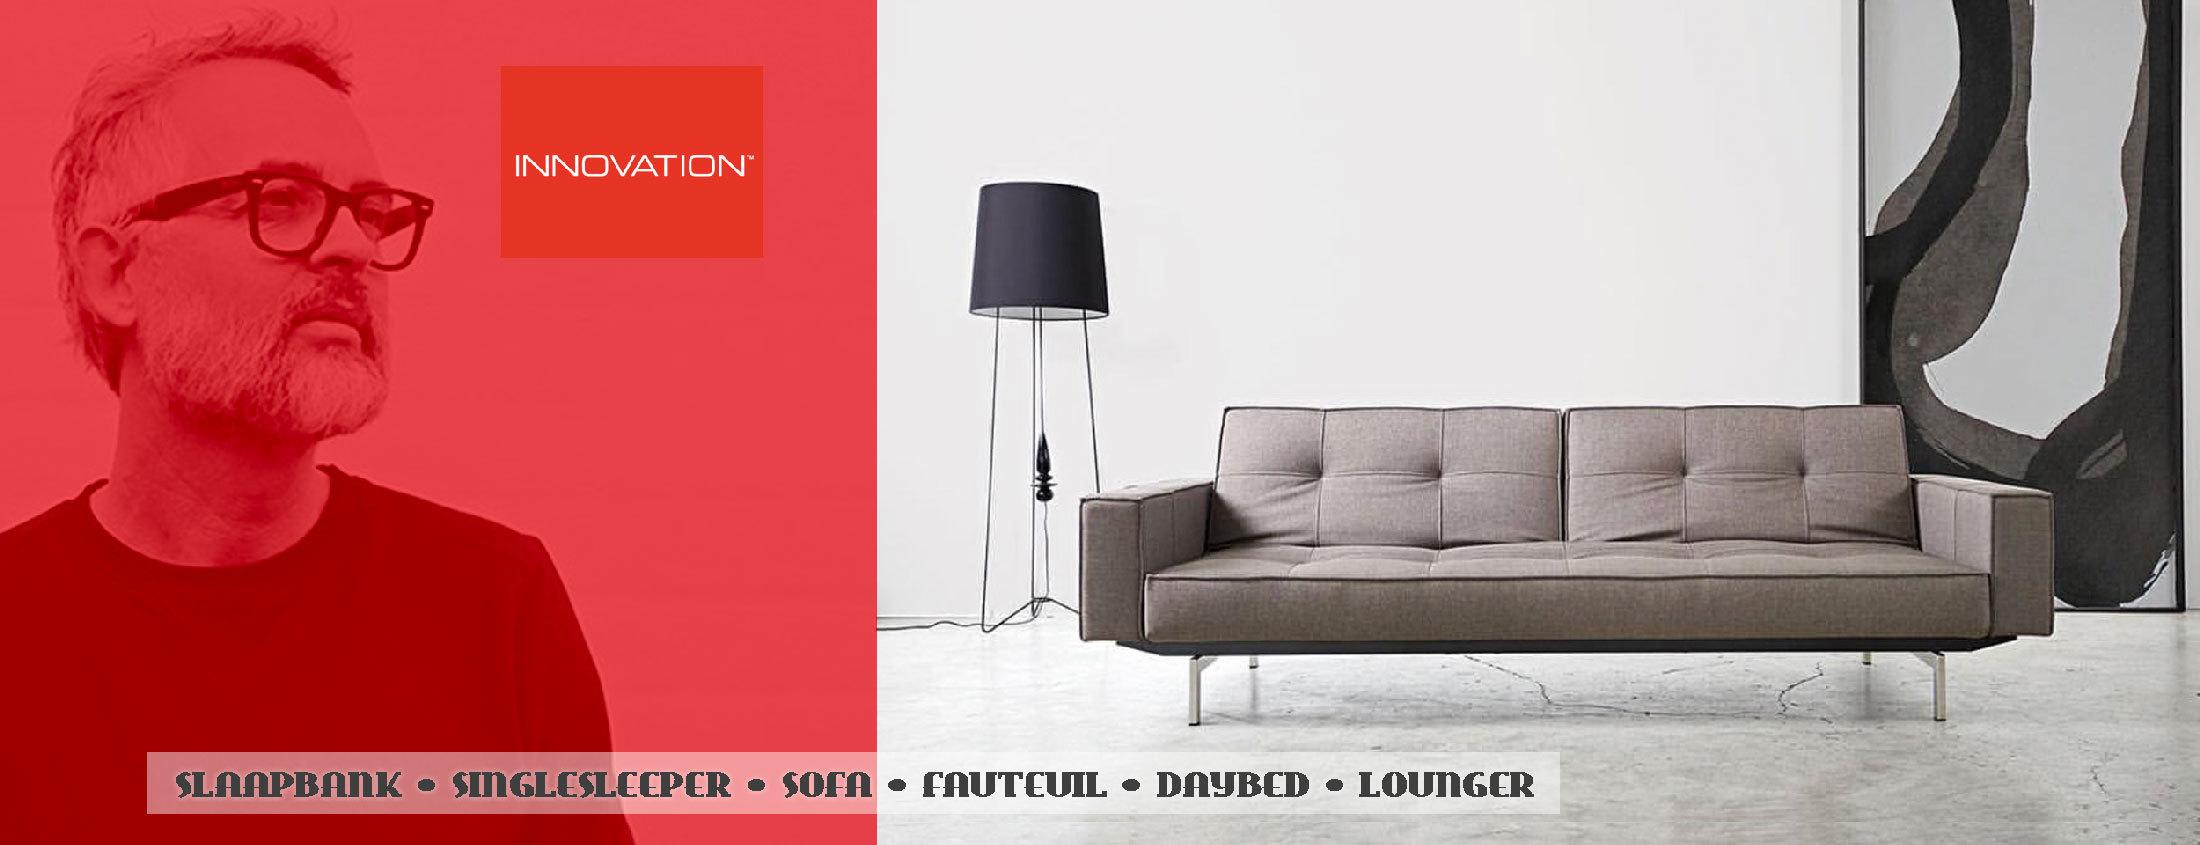 Leuke Grijze Slaapbank.Innovation Living Slaapbanken Zitbanken Daybeds Design Banken